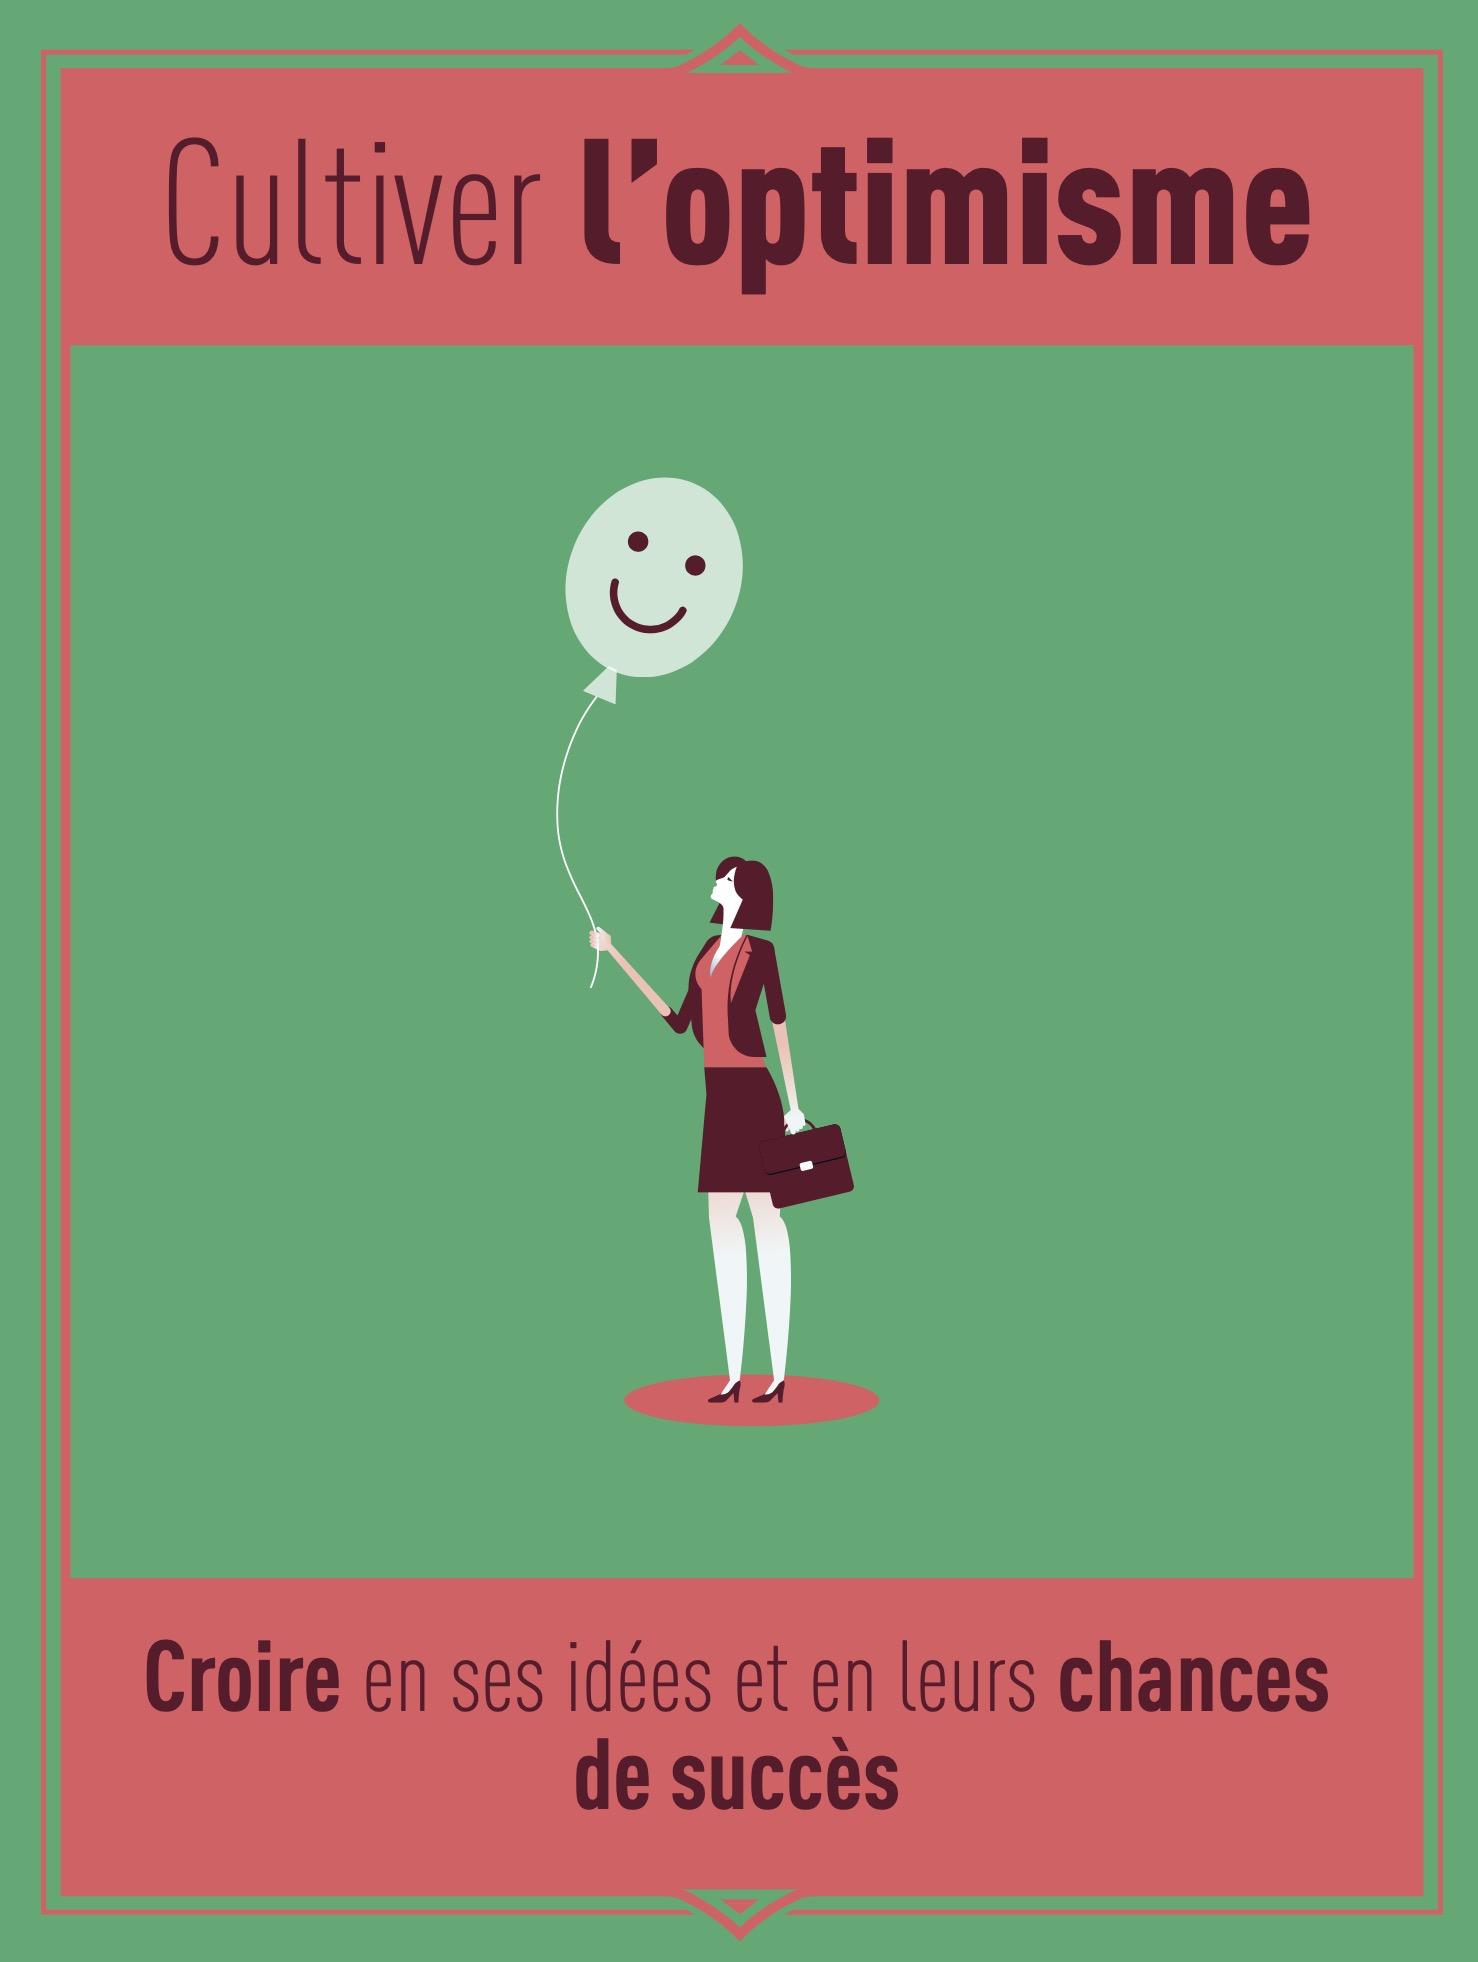 Cultiver l'optimisme : croire en ses idées et en leurs chances de succès